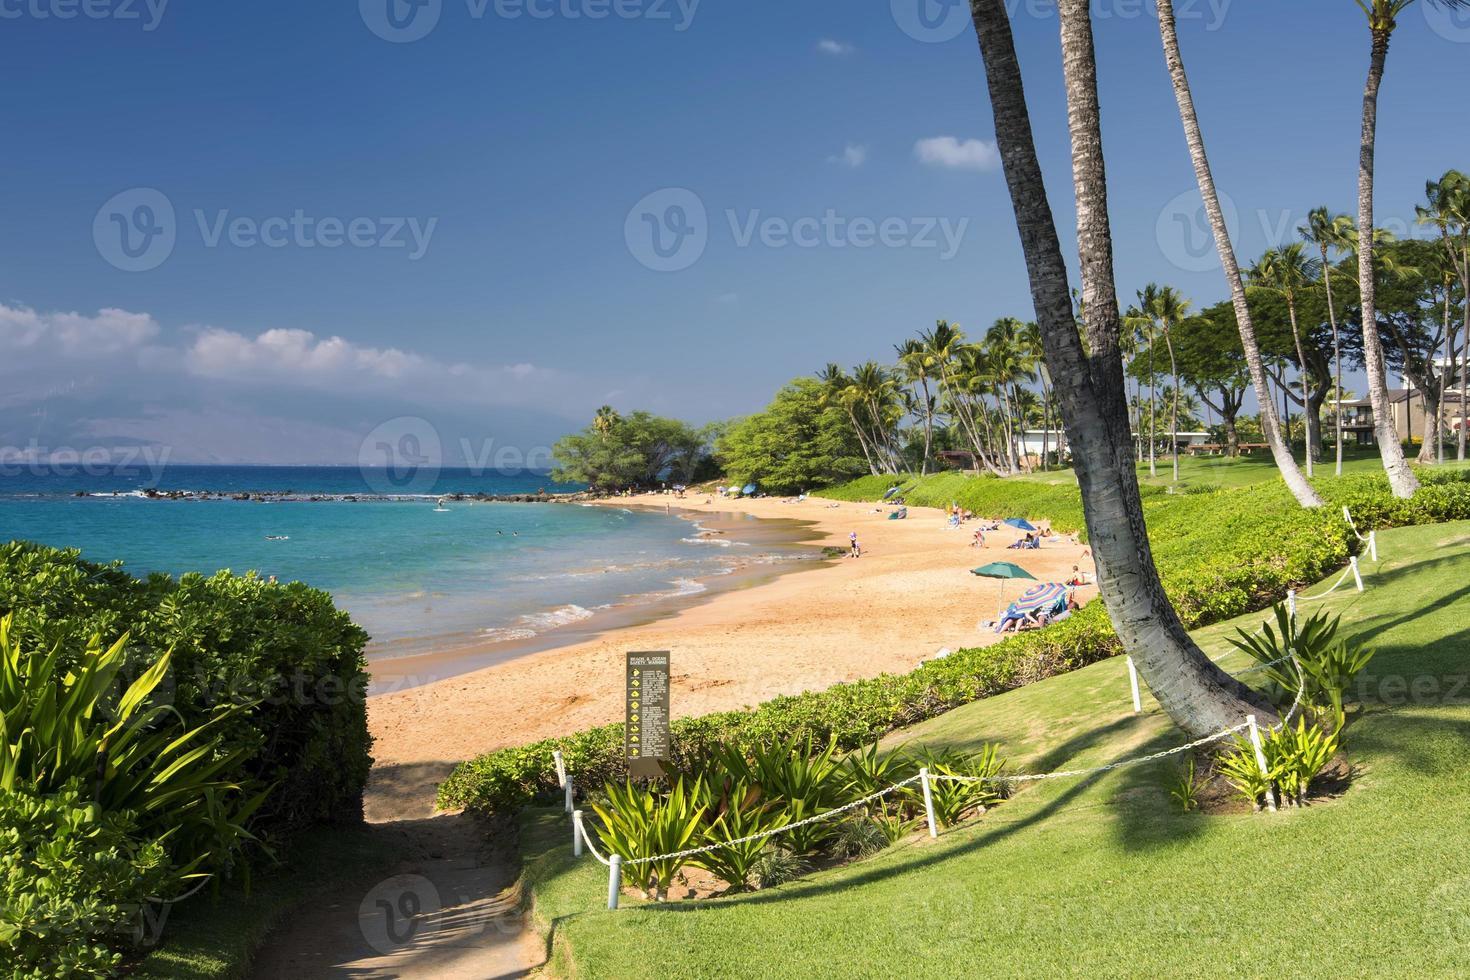 Promenade entlang des Strandes von Ulua, Südufer von Maui, Hawaii foto